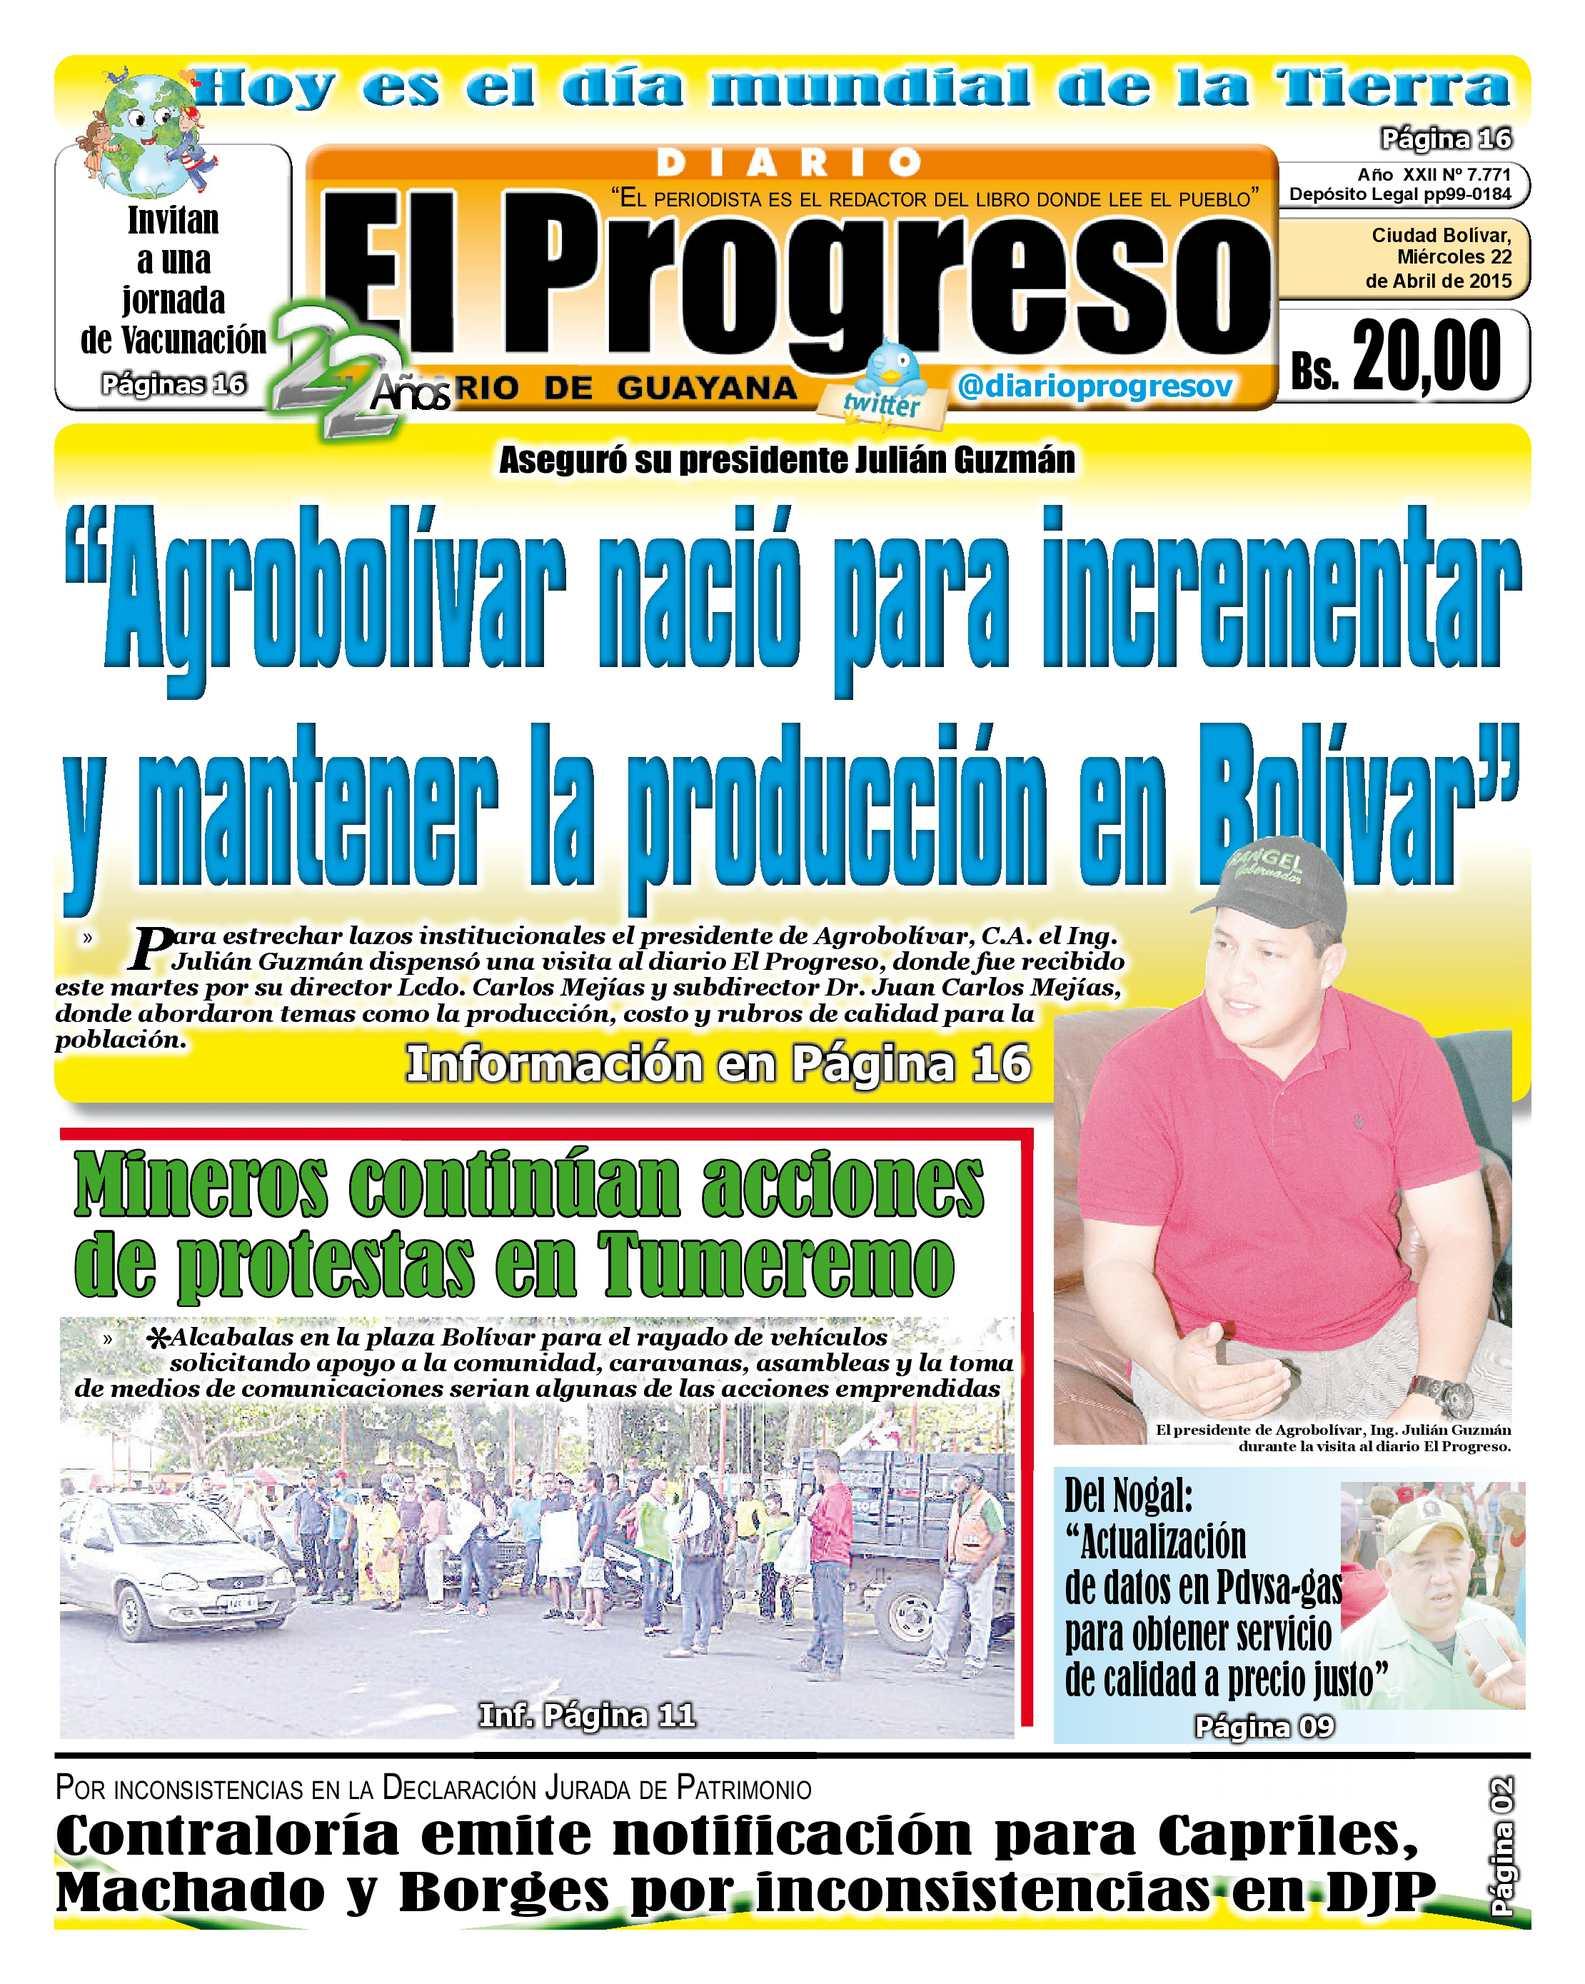 Calaméo - Diarioelprogreso2015 04 22